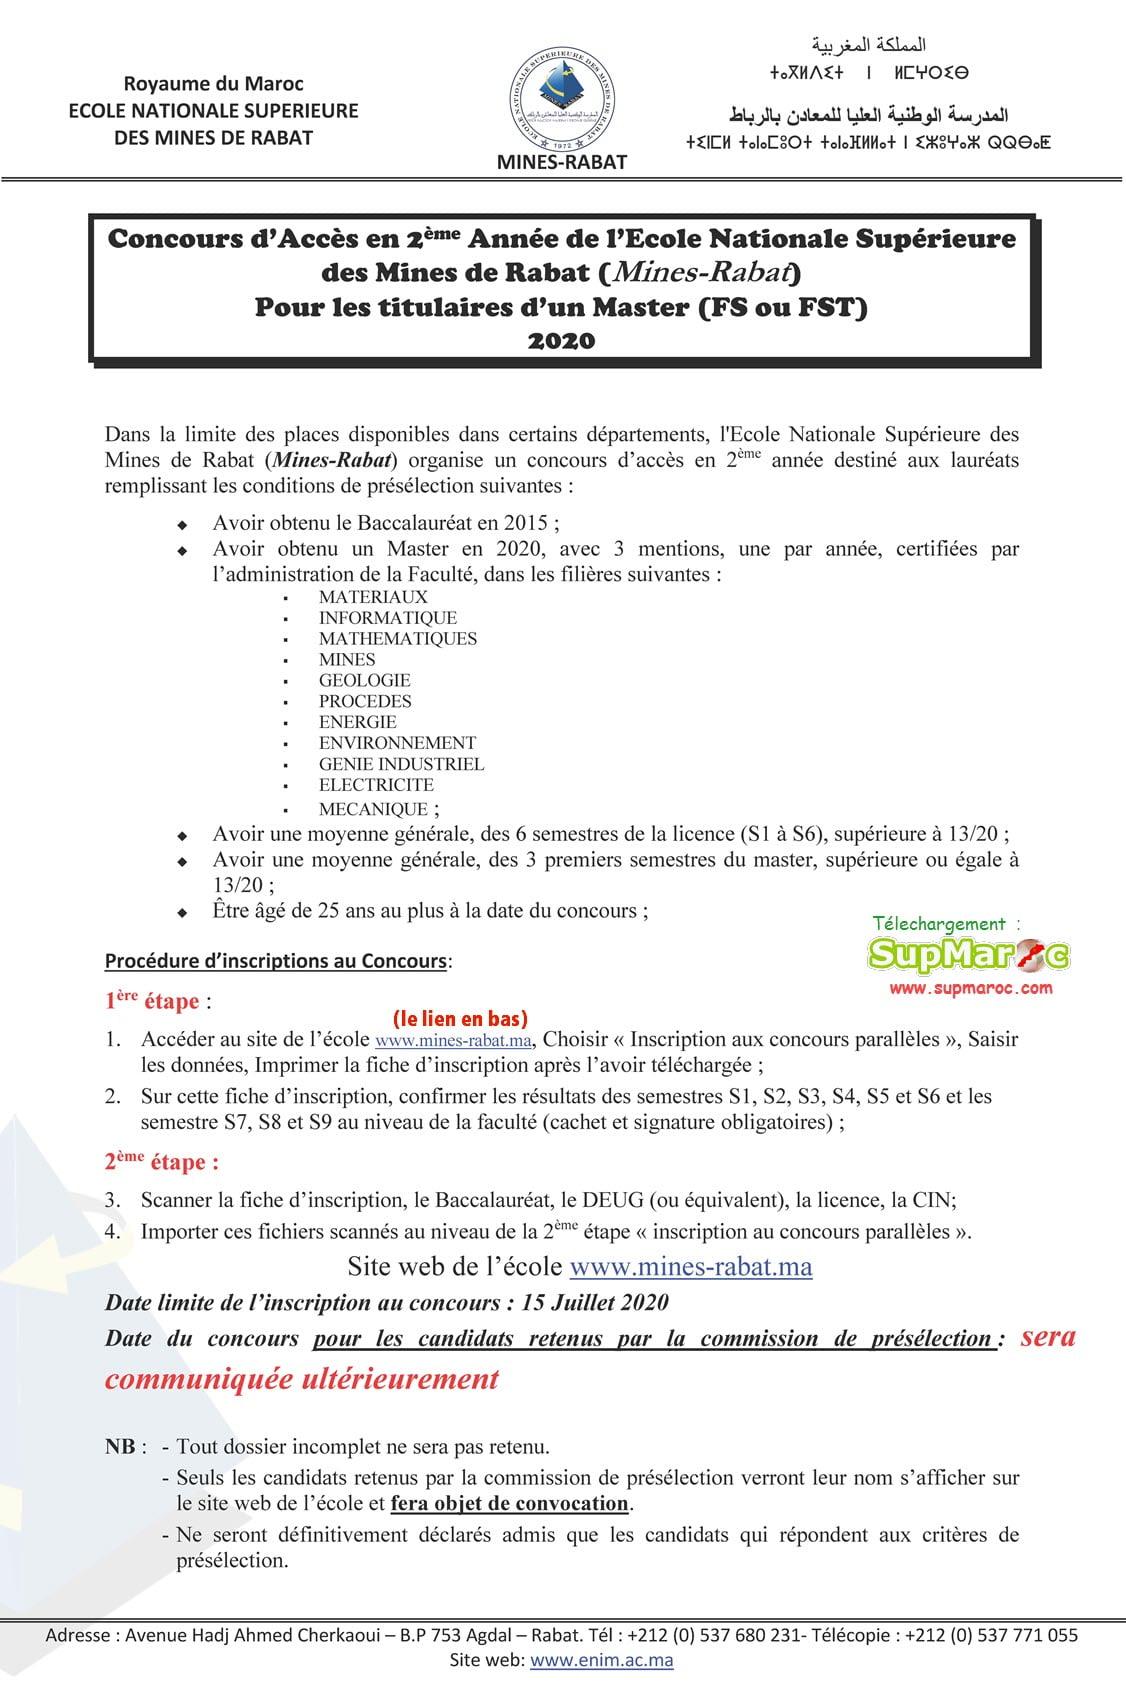 Concours d'Accès en 2eme année de l'EcoleMines-Rabat Pour les titulaires master FS ou FST Dernier Délai 15-07-2021